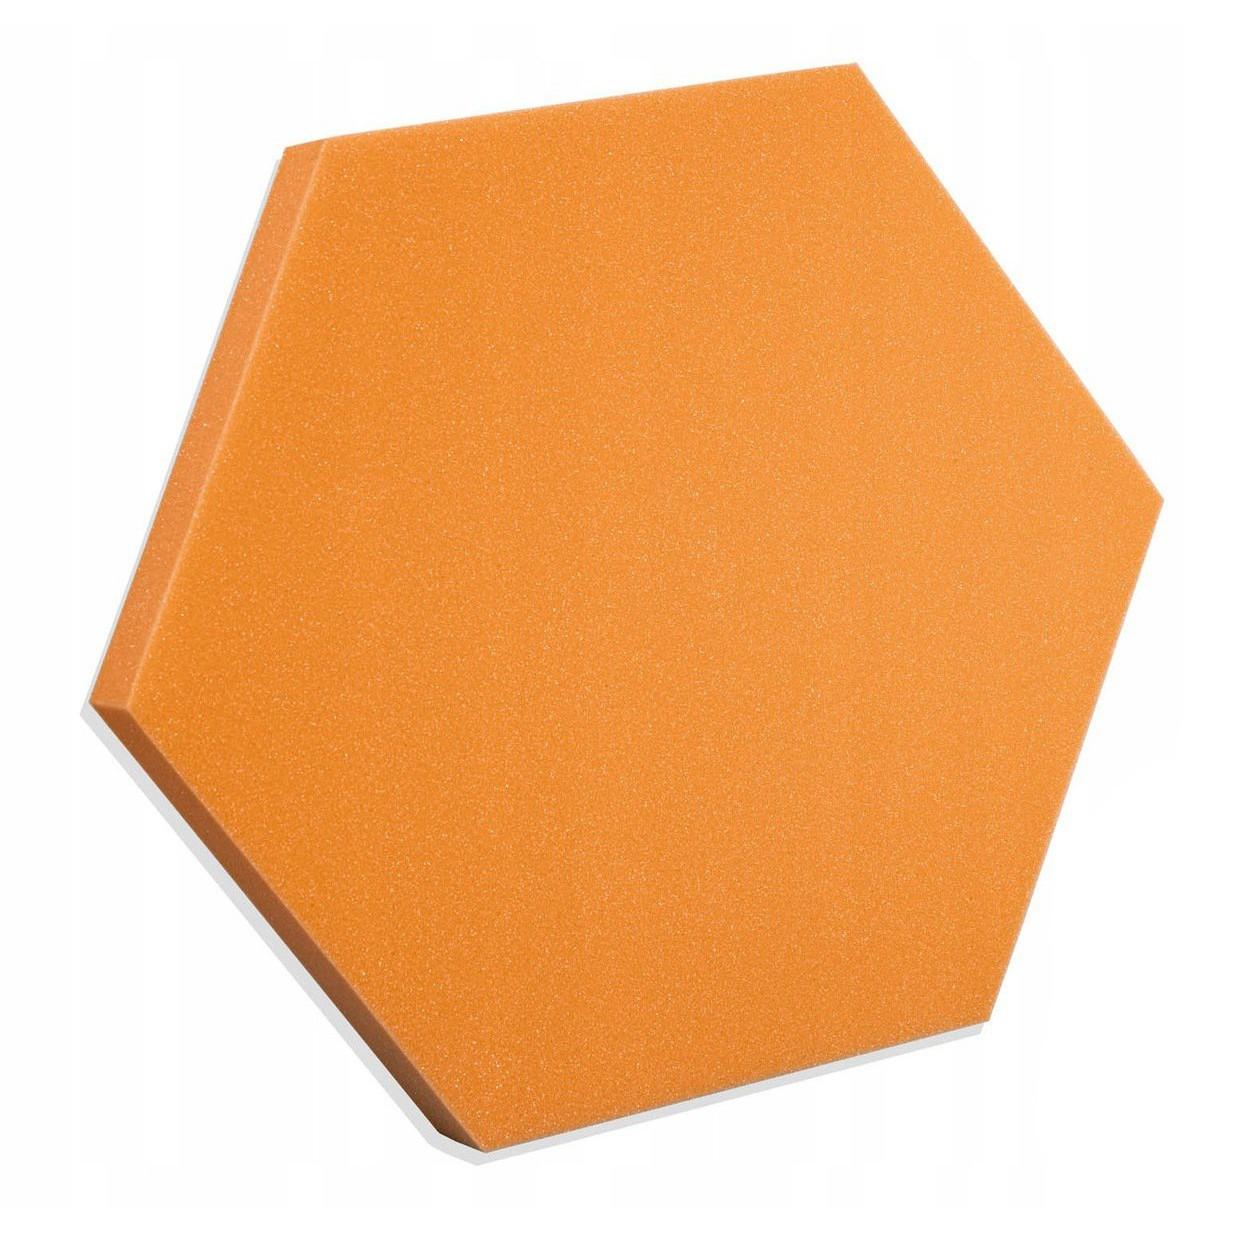 Akustický panel Hexagon oranžový 50x50x3cm samozhášavá nehorľavá pena megamix